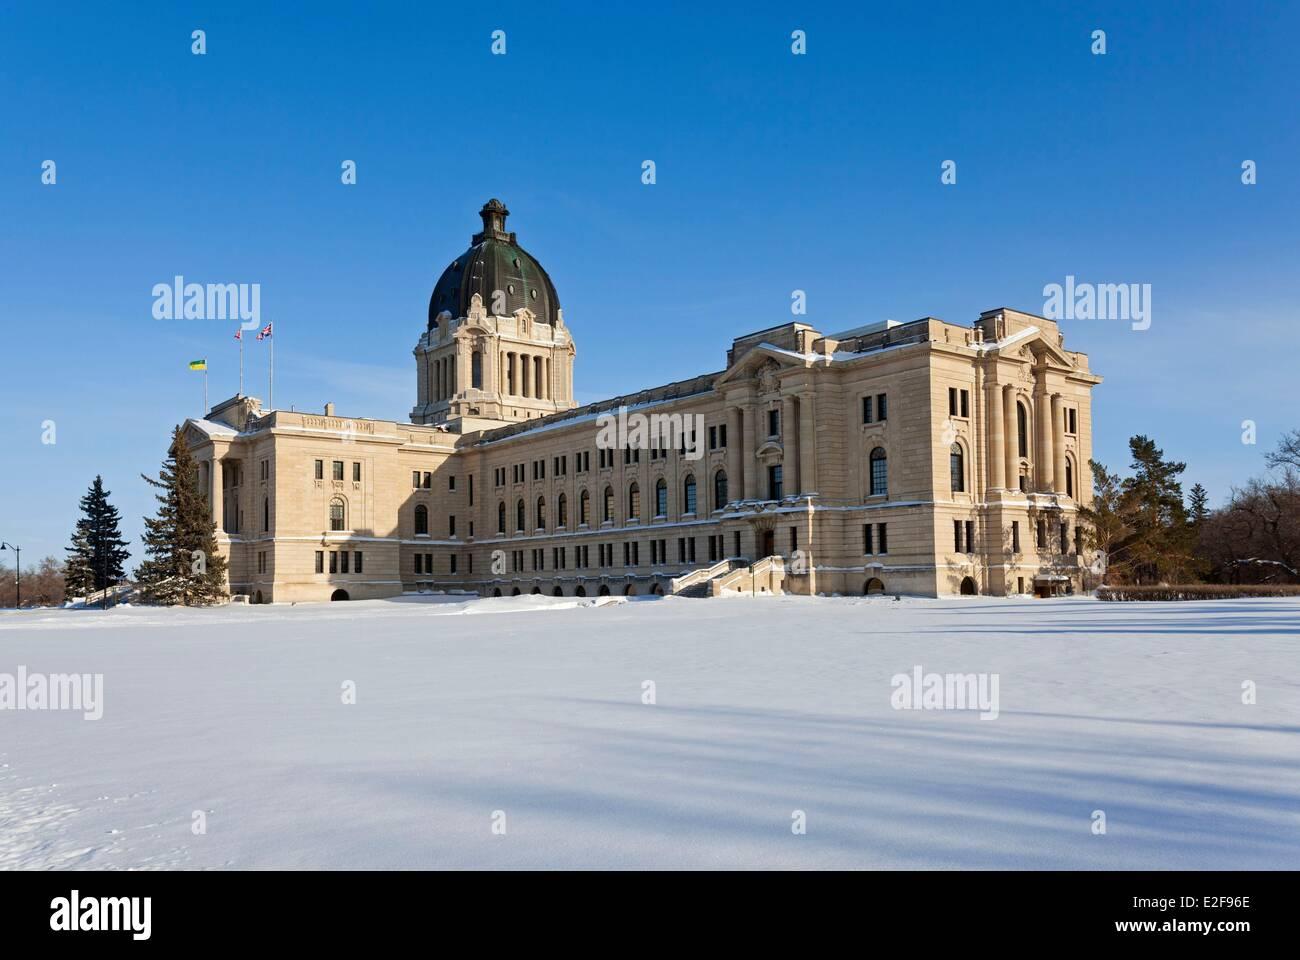 Kanada, Saskatchewan, Regina, der Hauptstadt der Provinz, das Parlament Stockbild